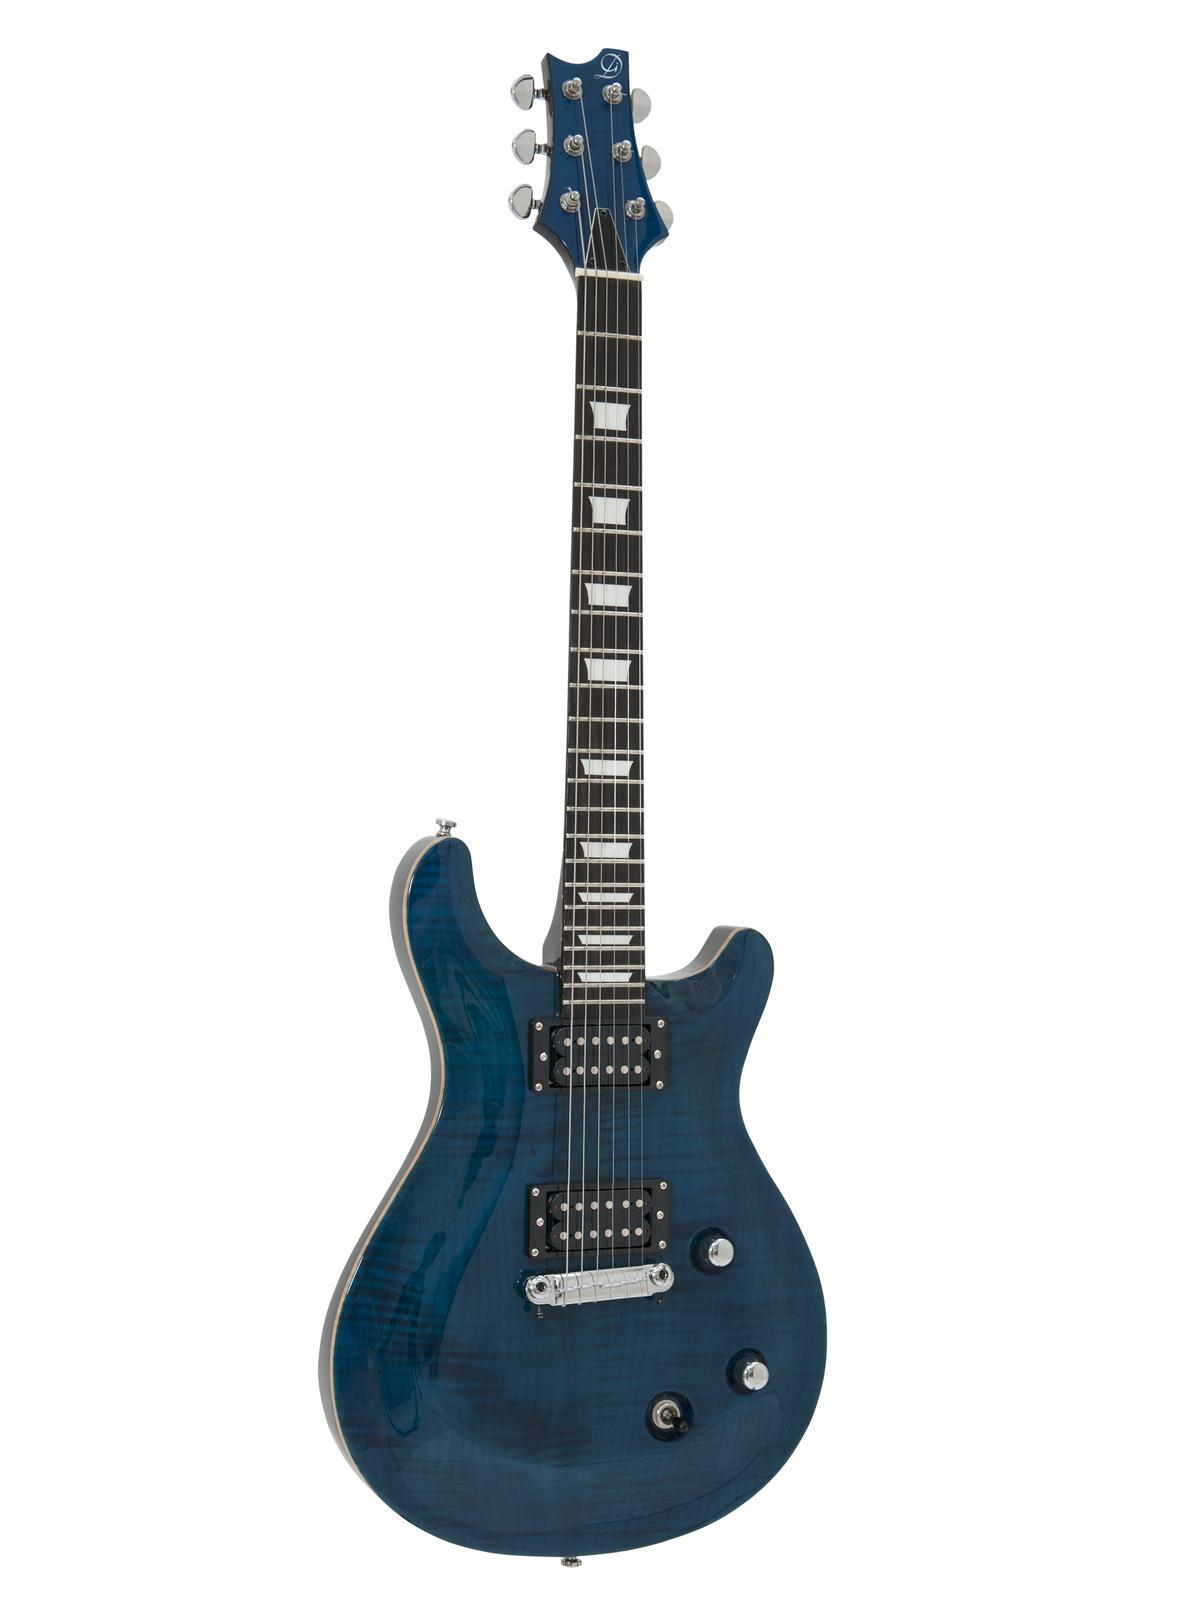 Chitarra Elettrica doppia spalla mancante, fiamma Blue, Dimavery DP-600